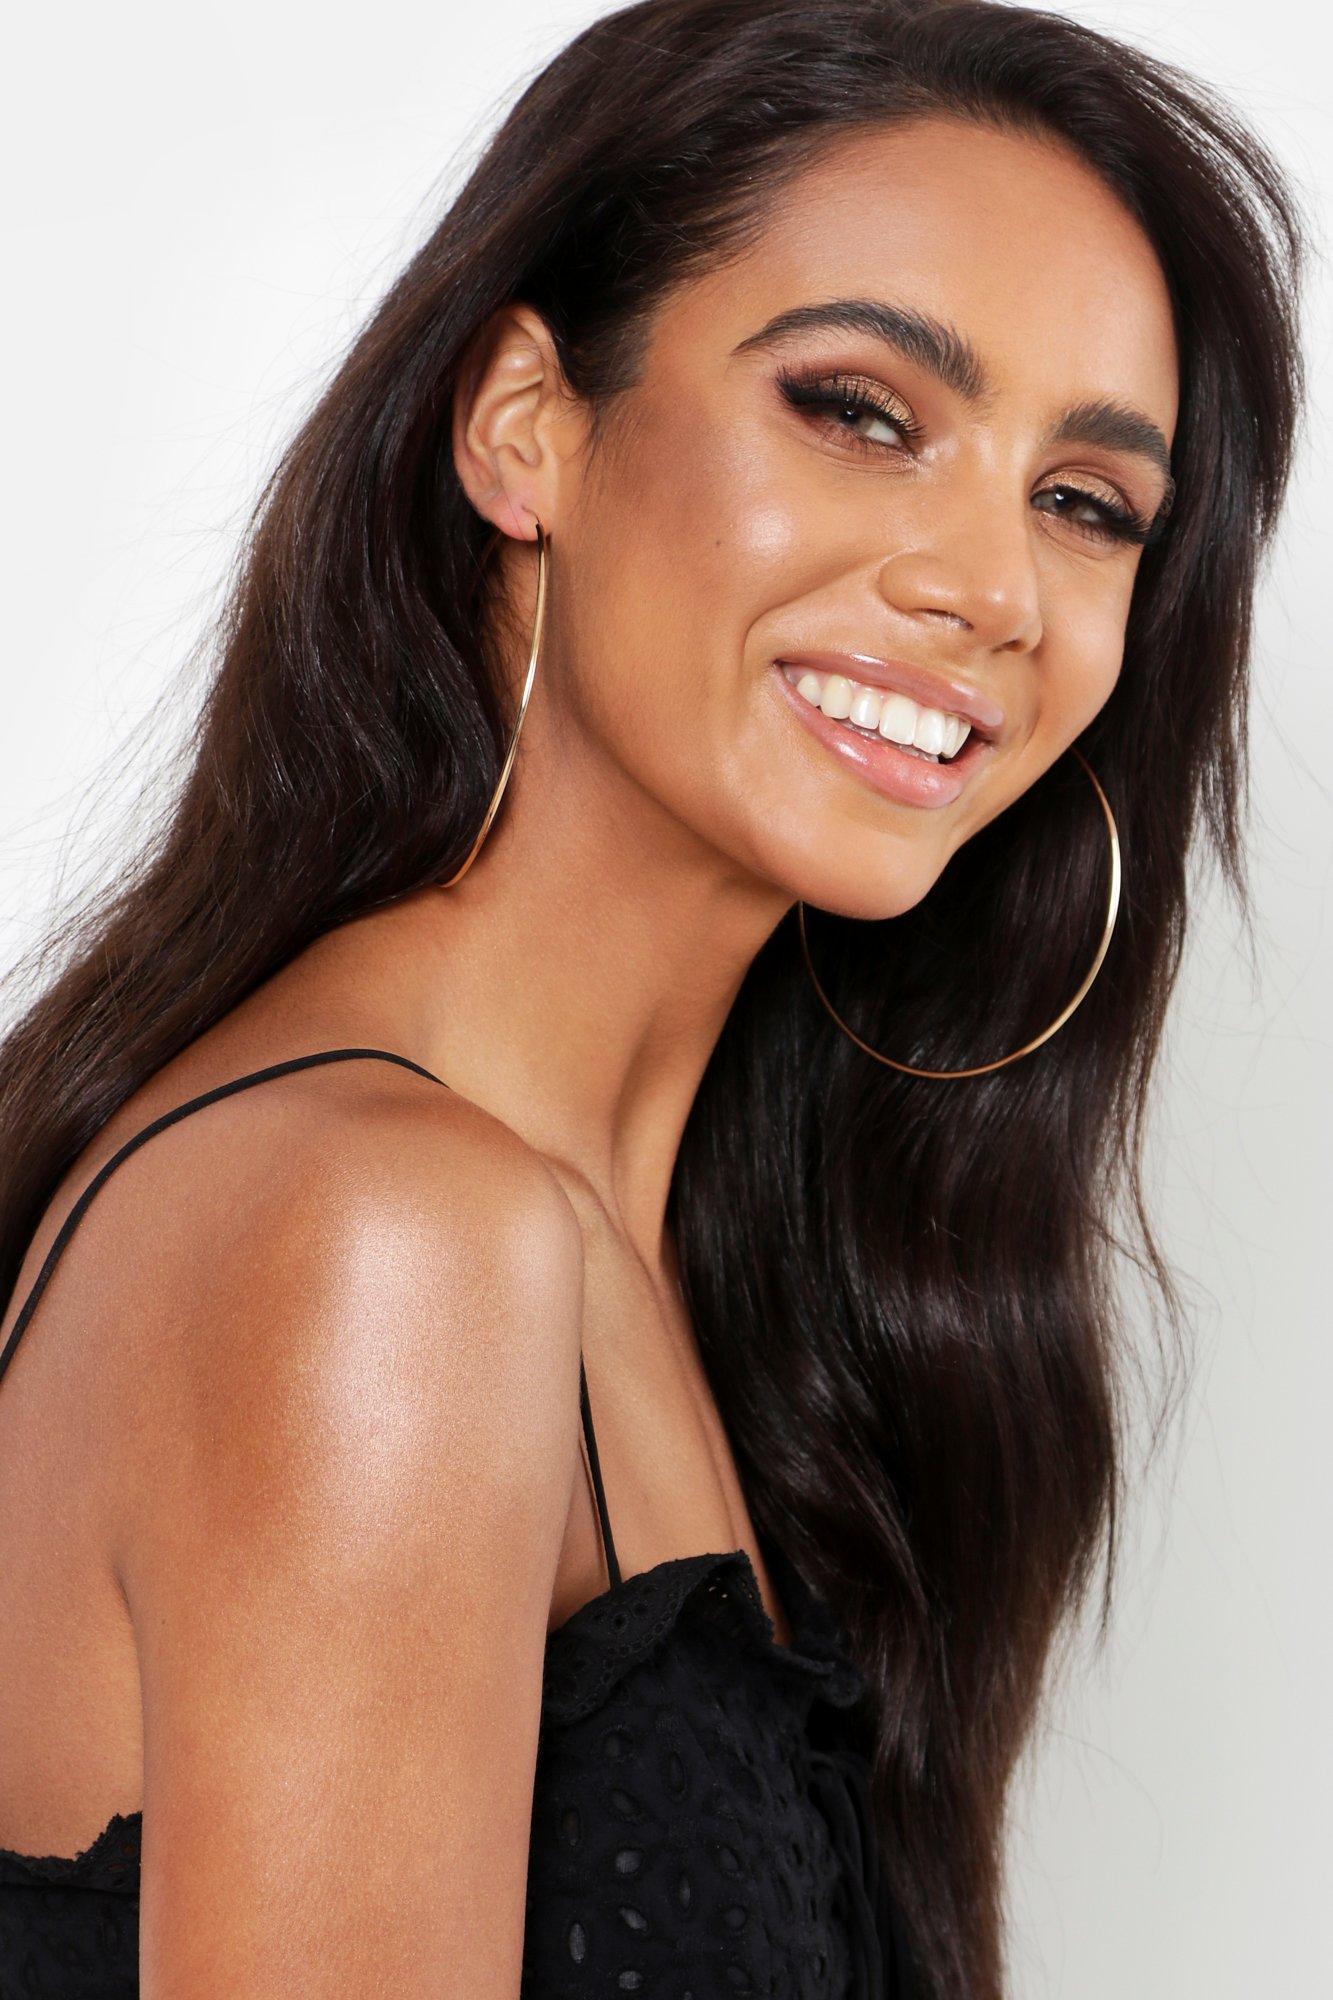 boohoo Womens Oversized 9Cm Gold Hoop Earrings - Metallics - One Size, Metallics